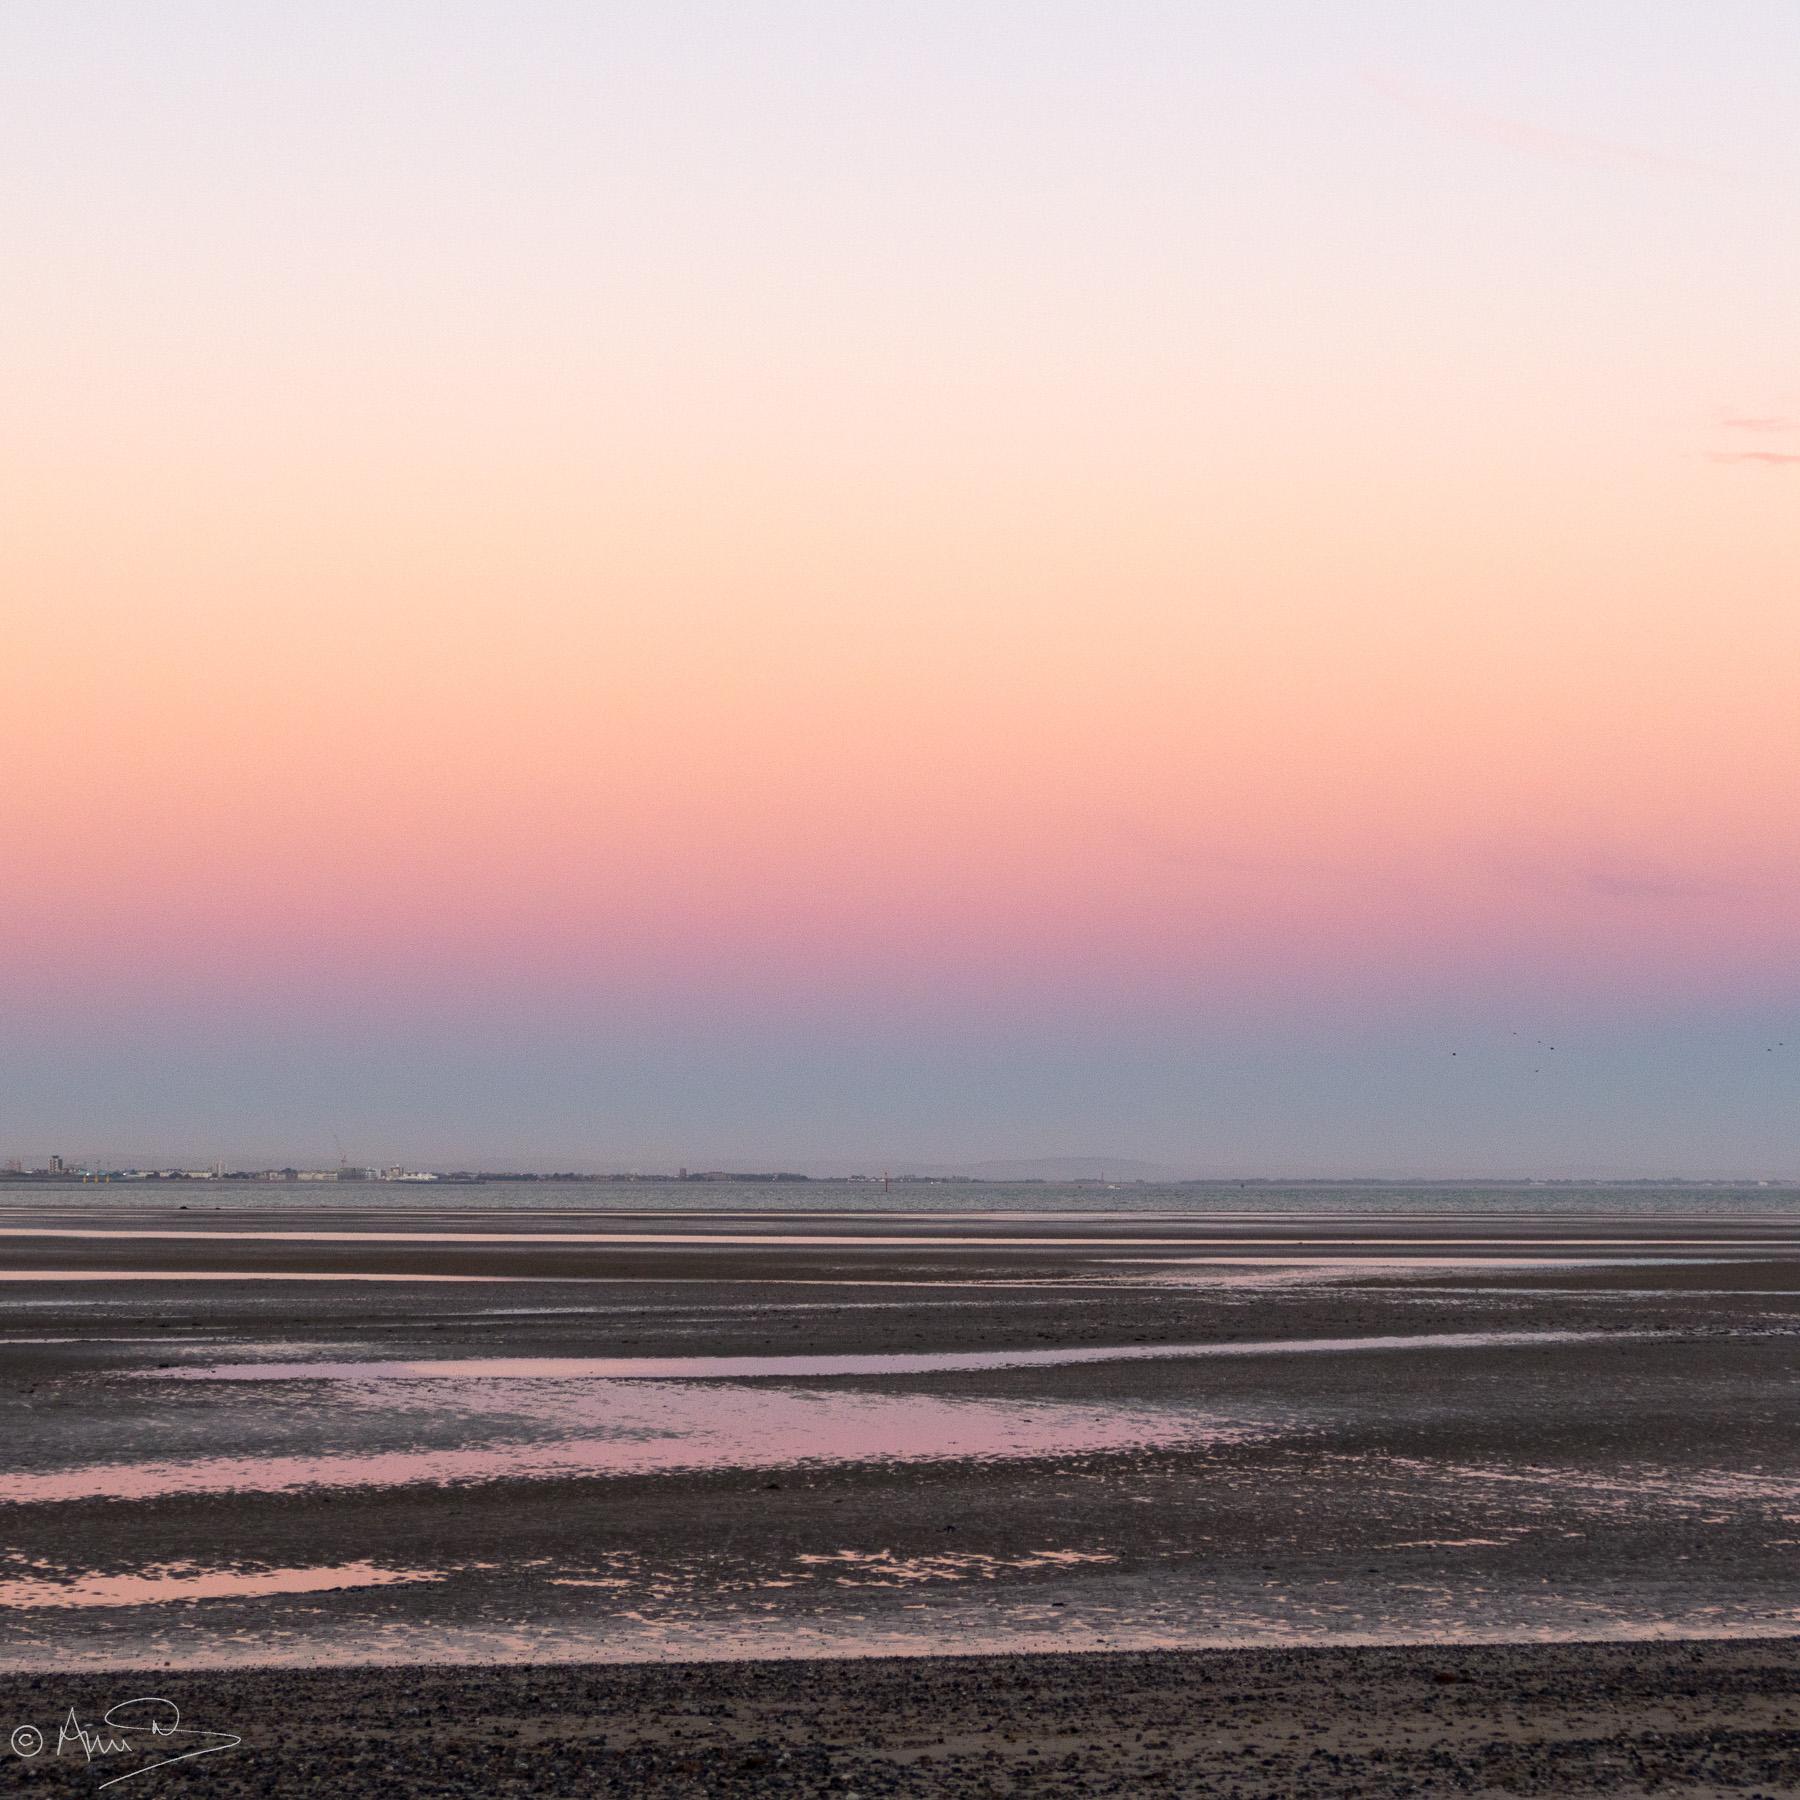 Abstract dusk